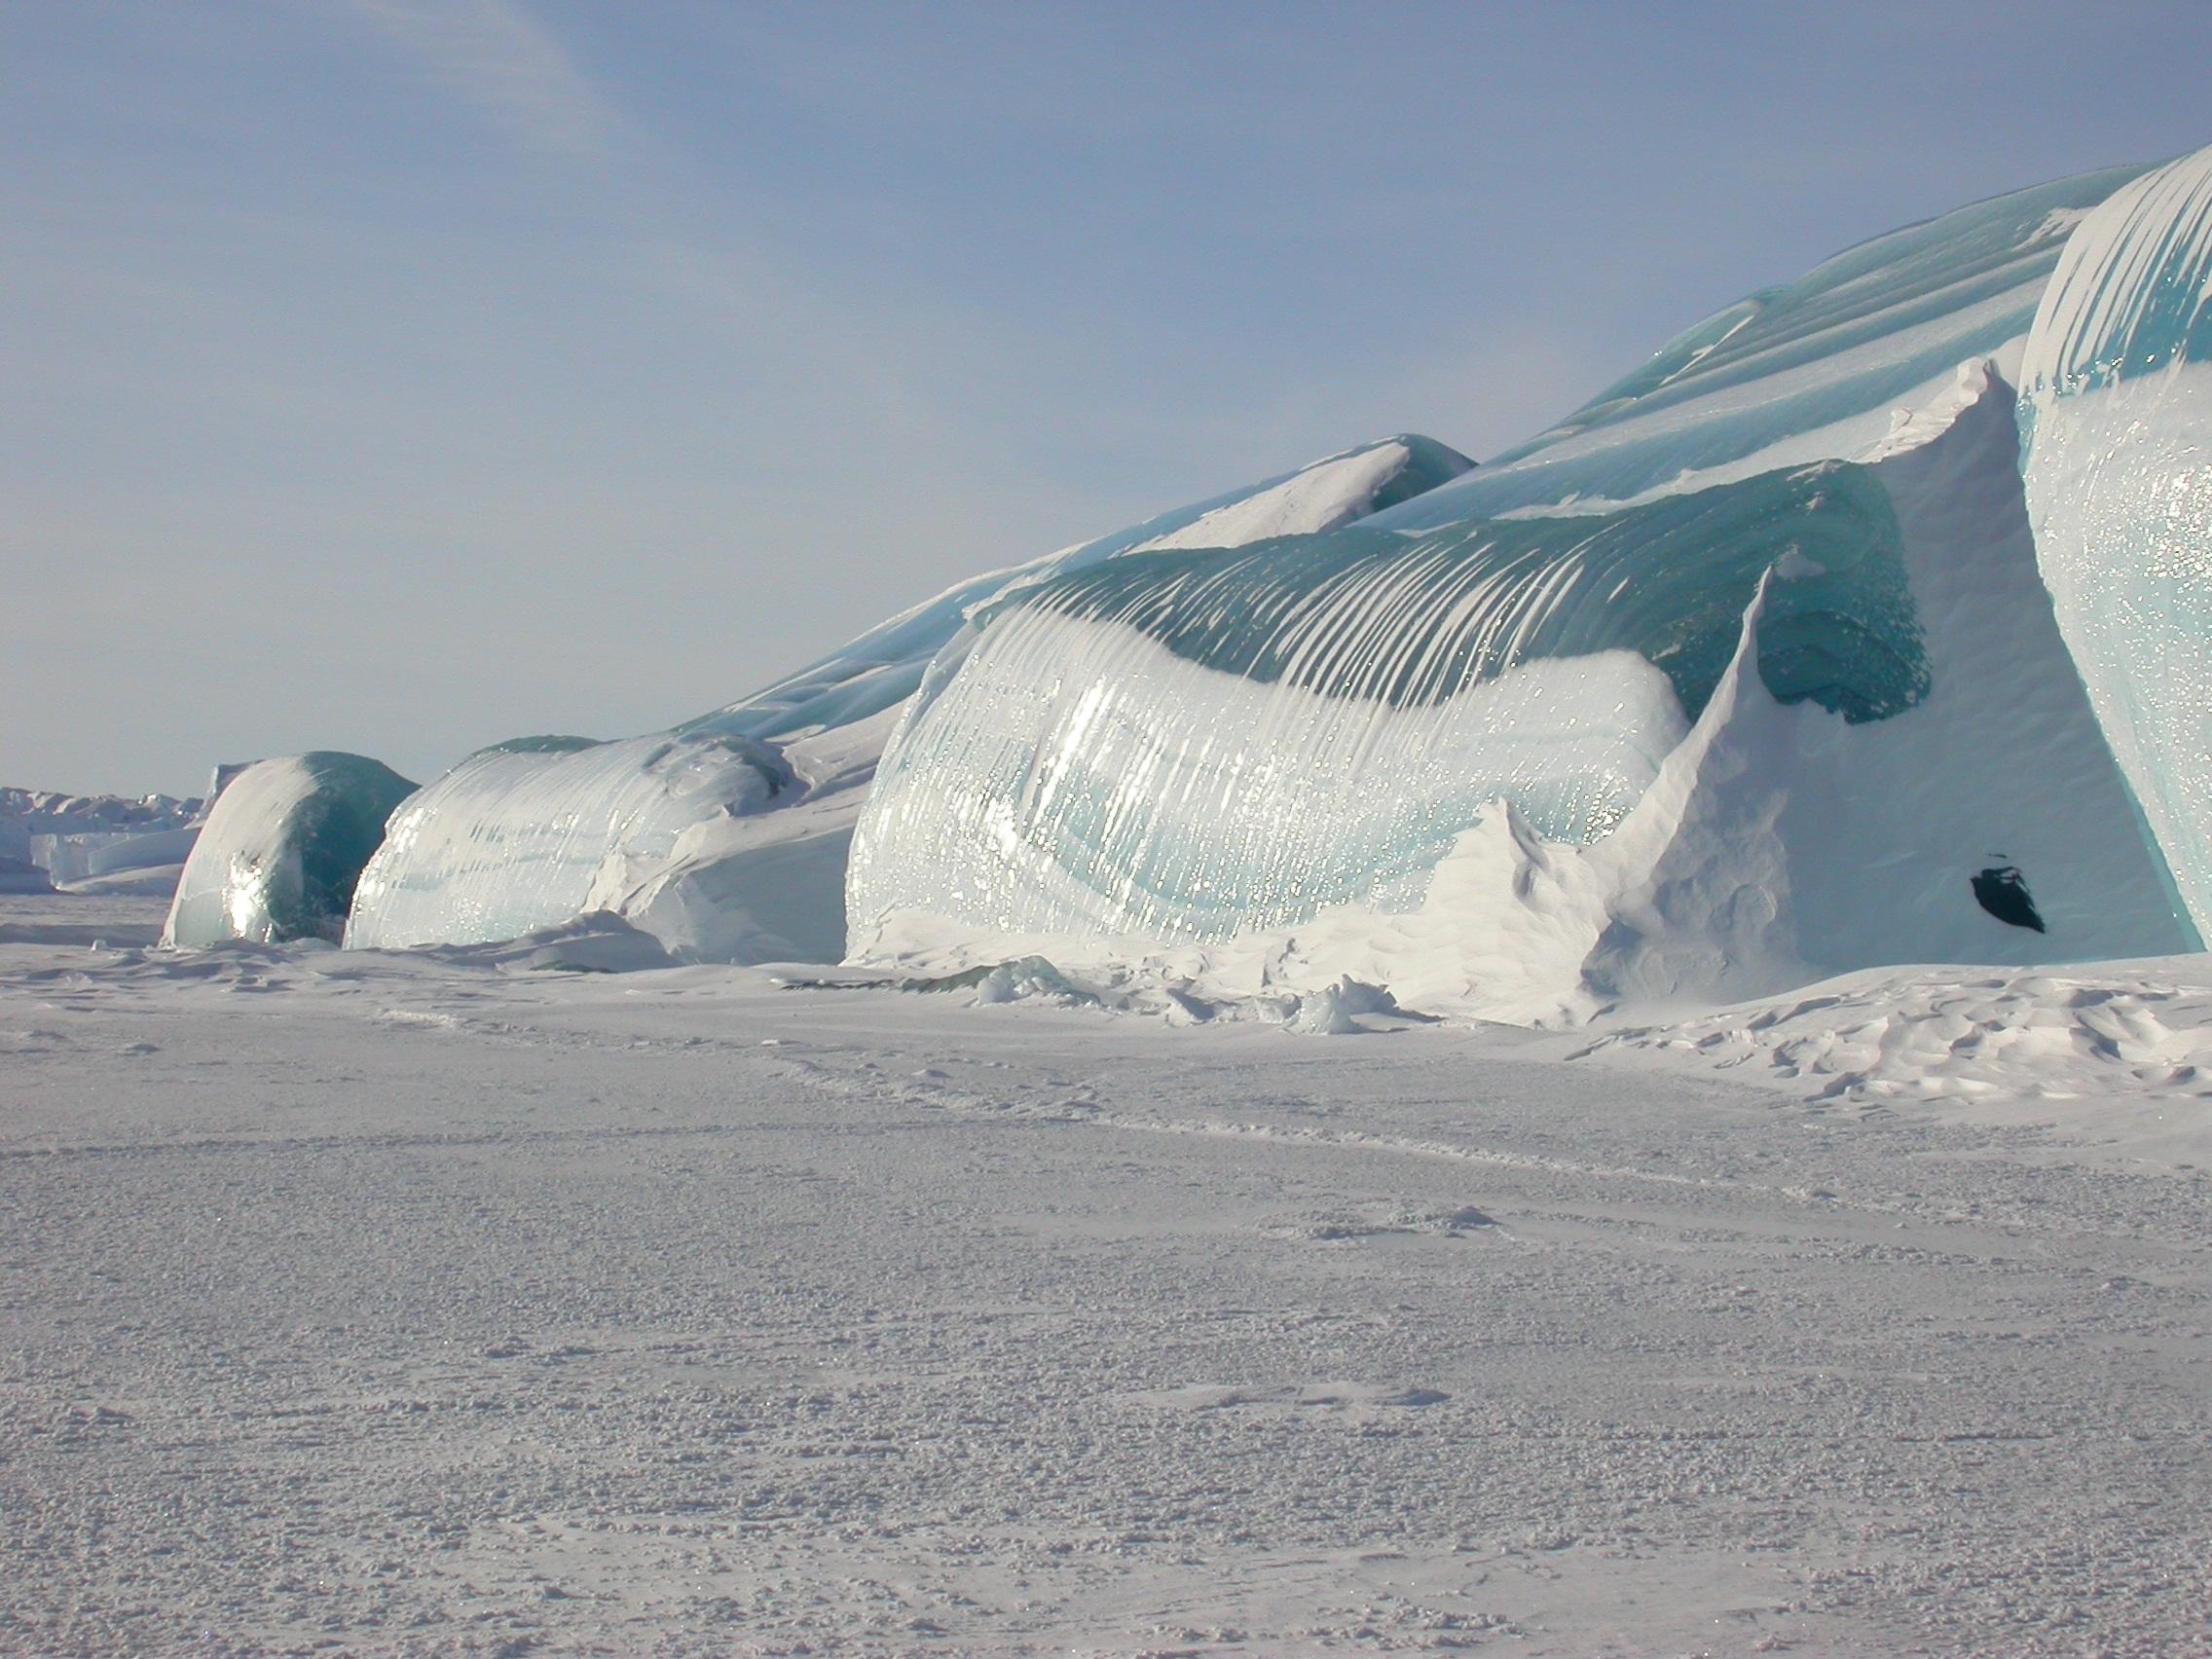 Просто невероятные фотографии. Цунами замерзло и превратилось в лед в